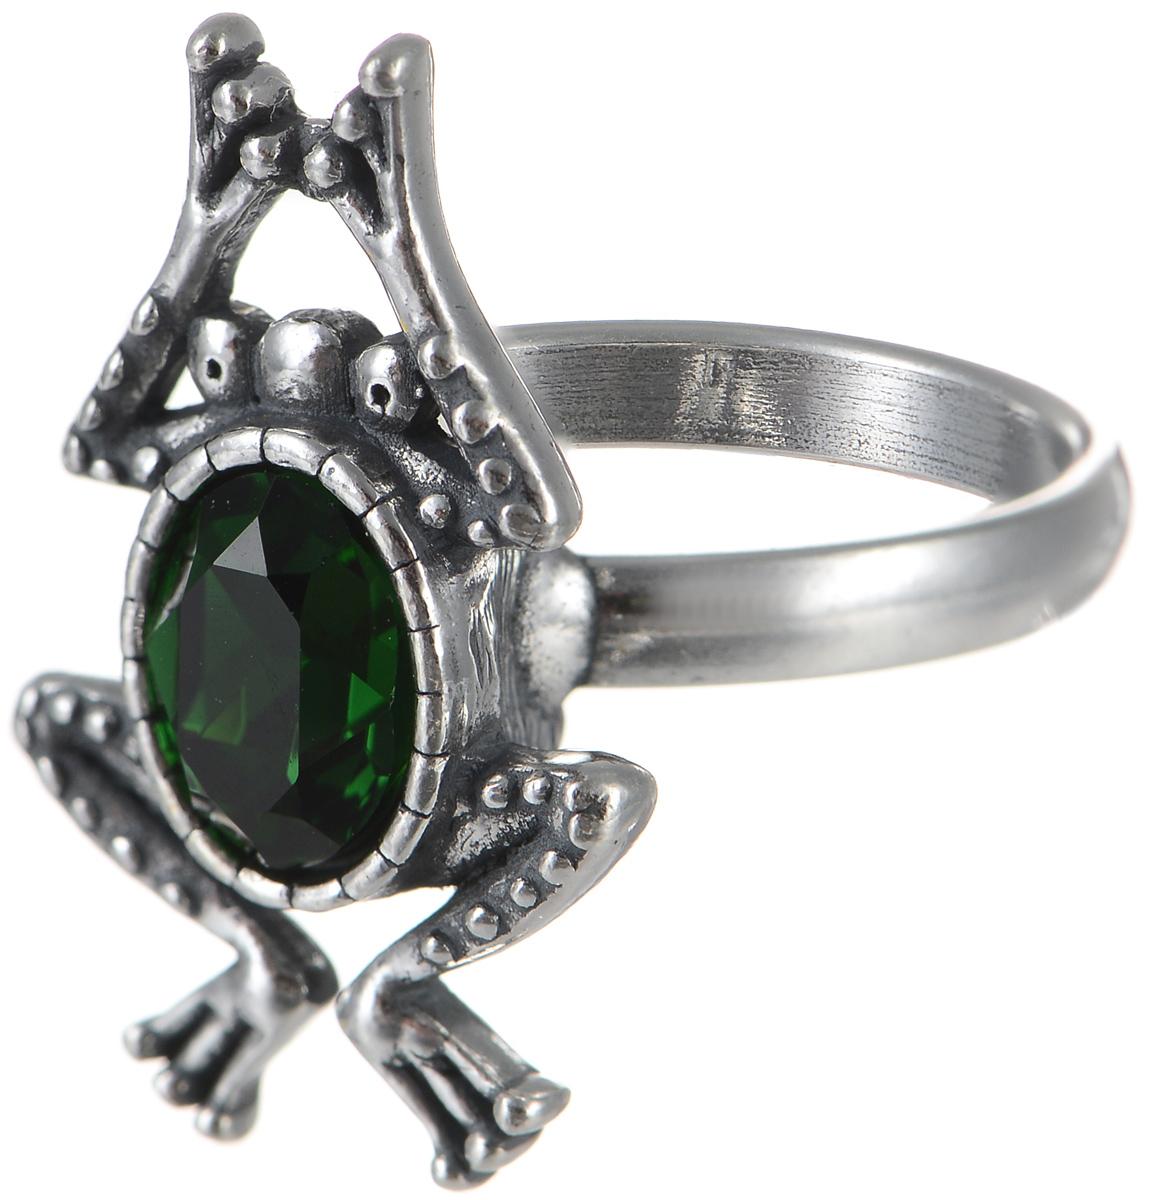 Кольцо Jenavi Пипин, цвет: серебристый, зеленый. k3363032. Размер 16Коктейльное кольцоОригинальное кольцо Jenavi Пипин из коллекции Кассида, выполненное из ювелирного сплава с покрытием из черненого серебра, оформлено декоративным элементом в виде лягушки, который инкрустирован кристаллом Swarovski.Красивое и необычное украшение блестяще подчеркнет ваш изысканный вкус и поможет внести разнообразие в привычный образ.